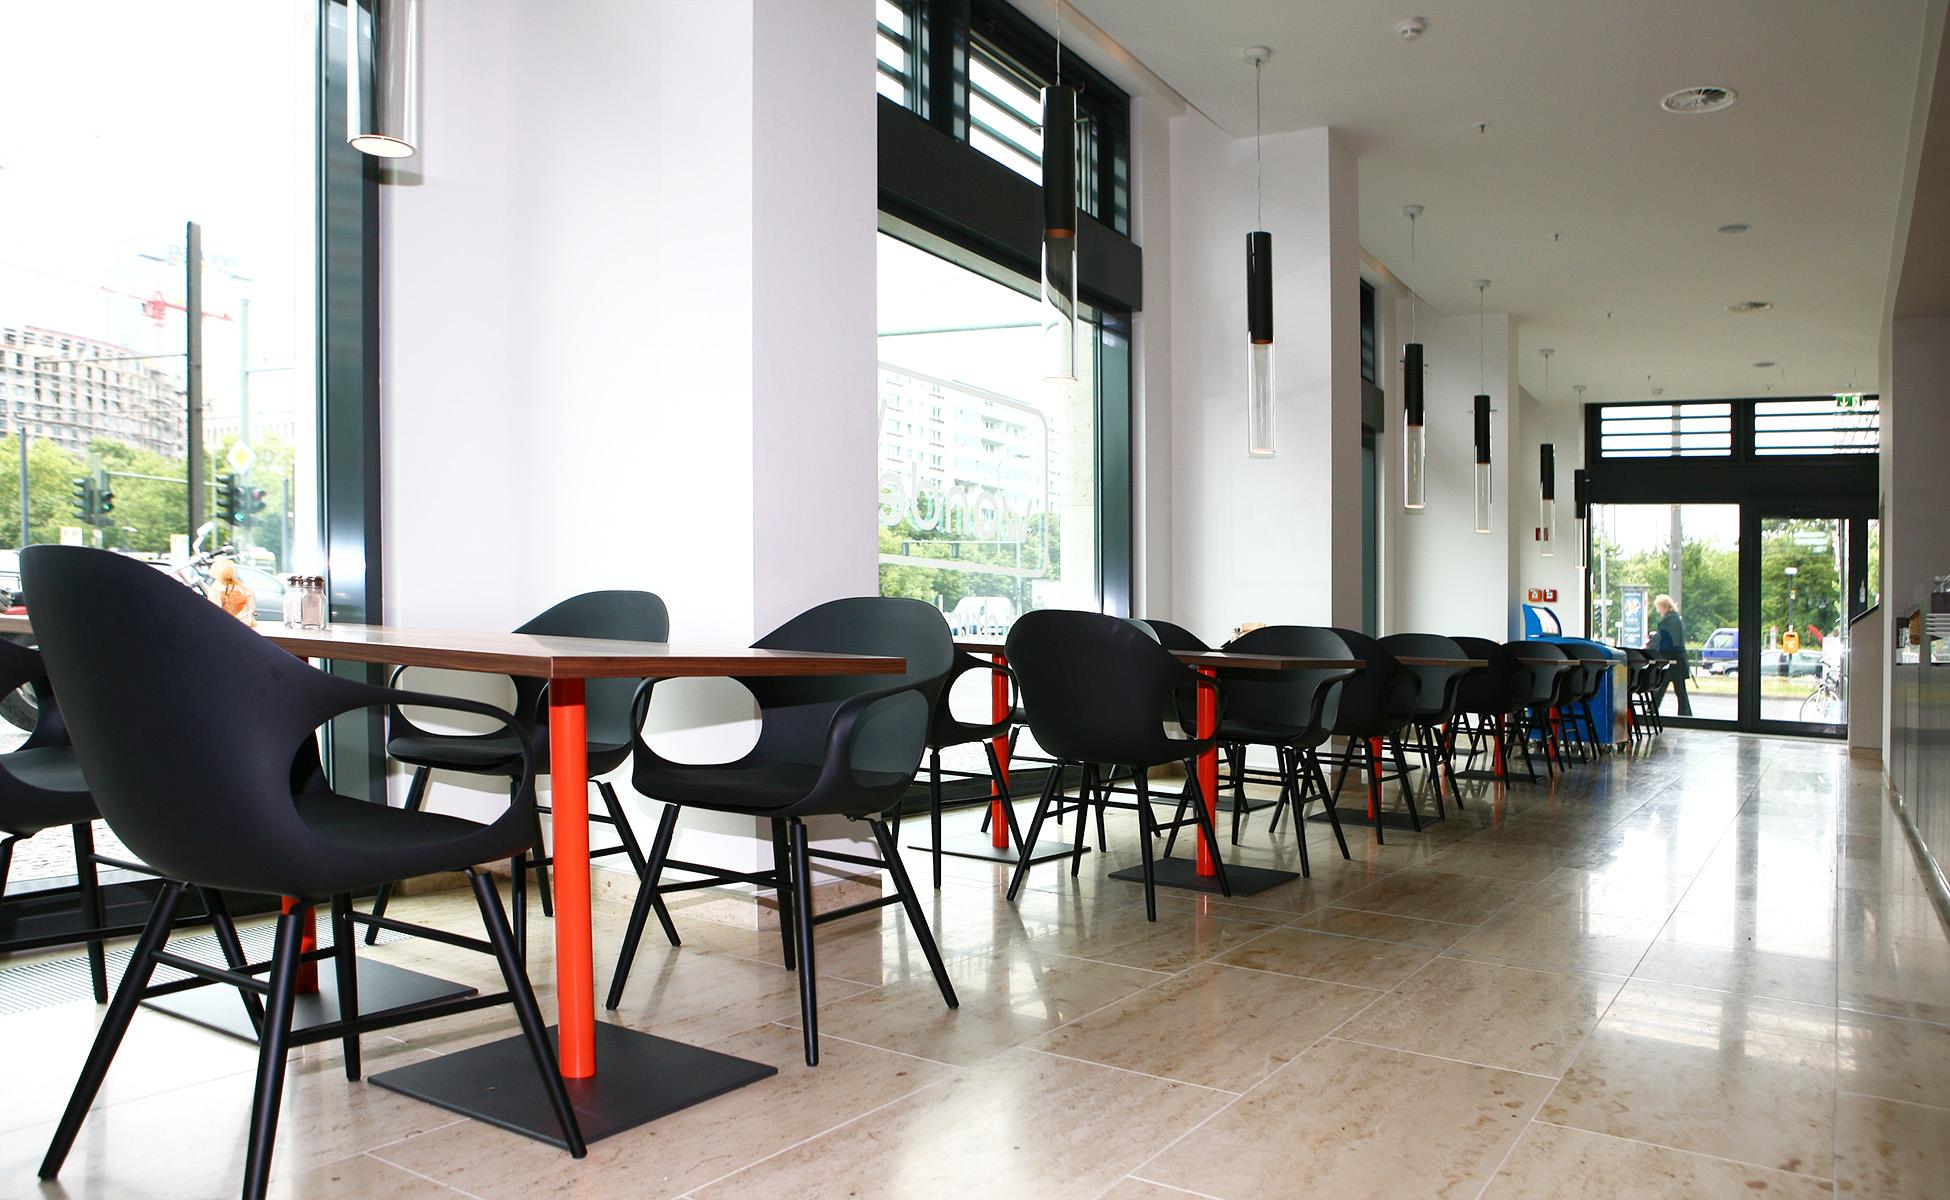 06 einrichtung farbkonzept kristalia elephant furniture berlin by steidten+